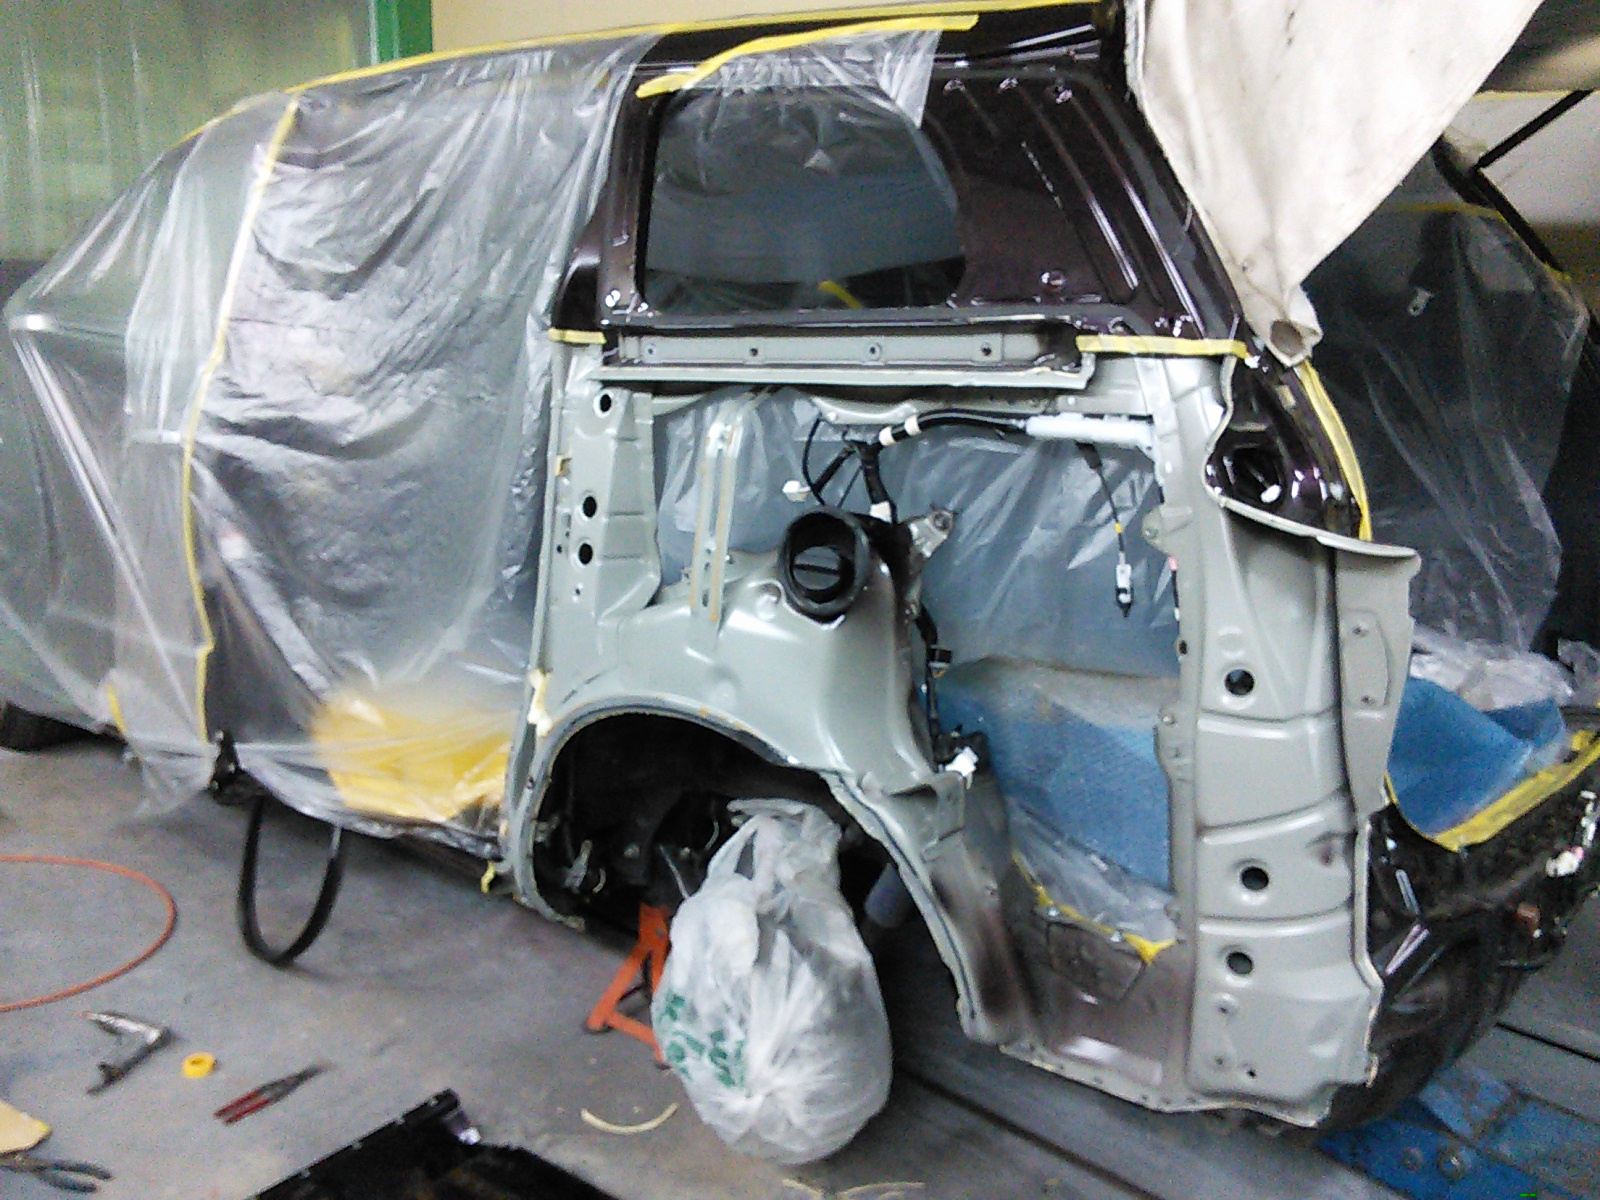 クオーター交換  さて問題 この車は何でしょう(^-^)  豊田市  板金塗装